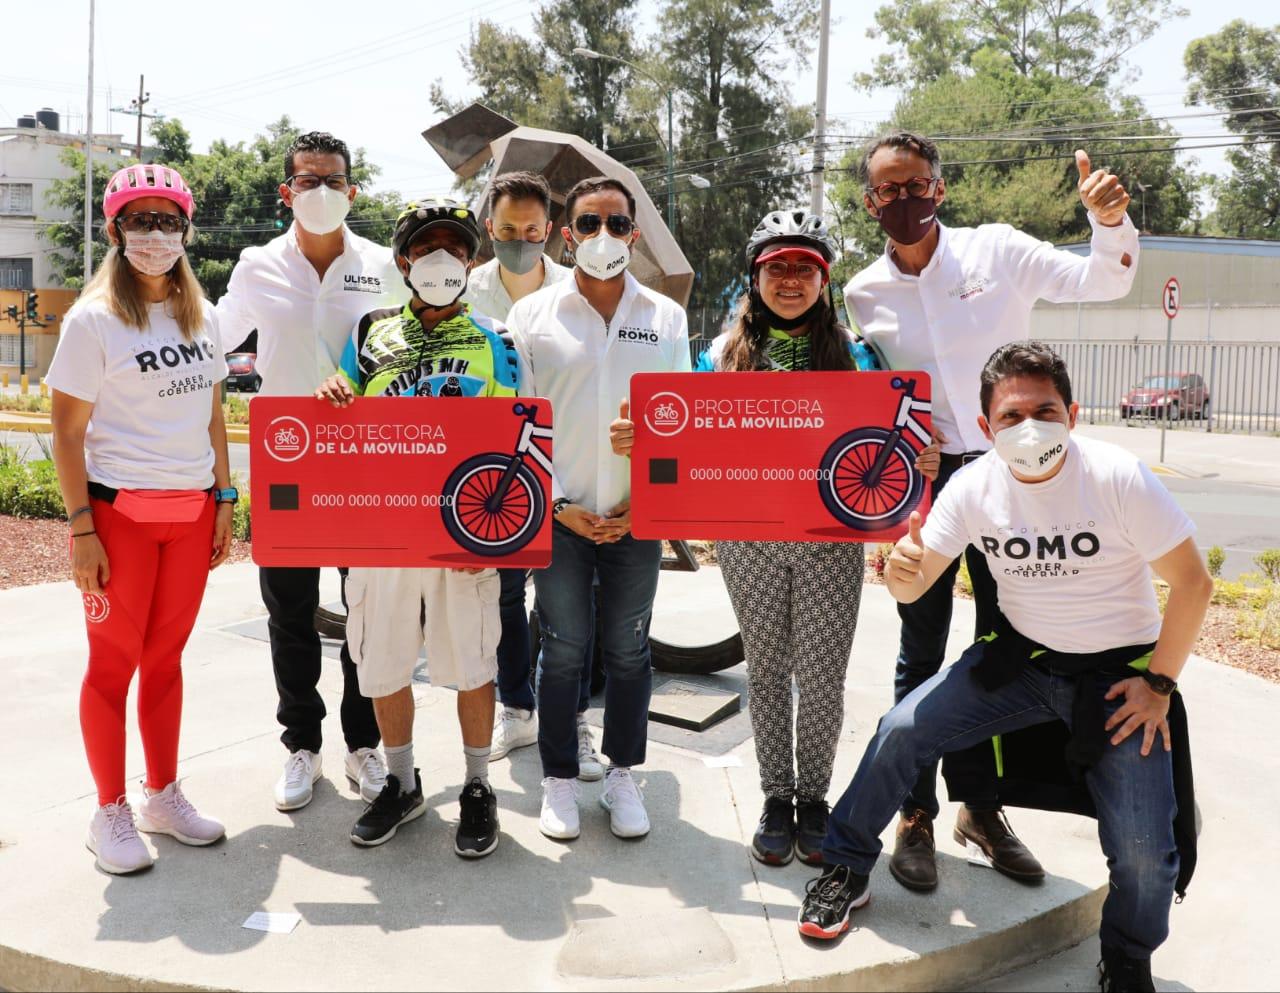 Regresa reforzada la protectora de la movilidad MH: Romo